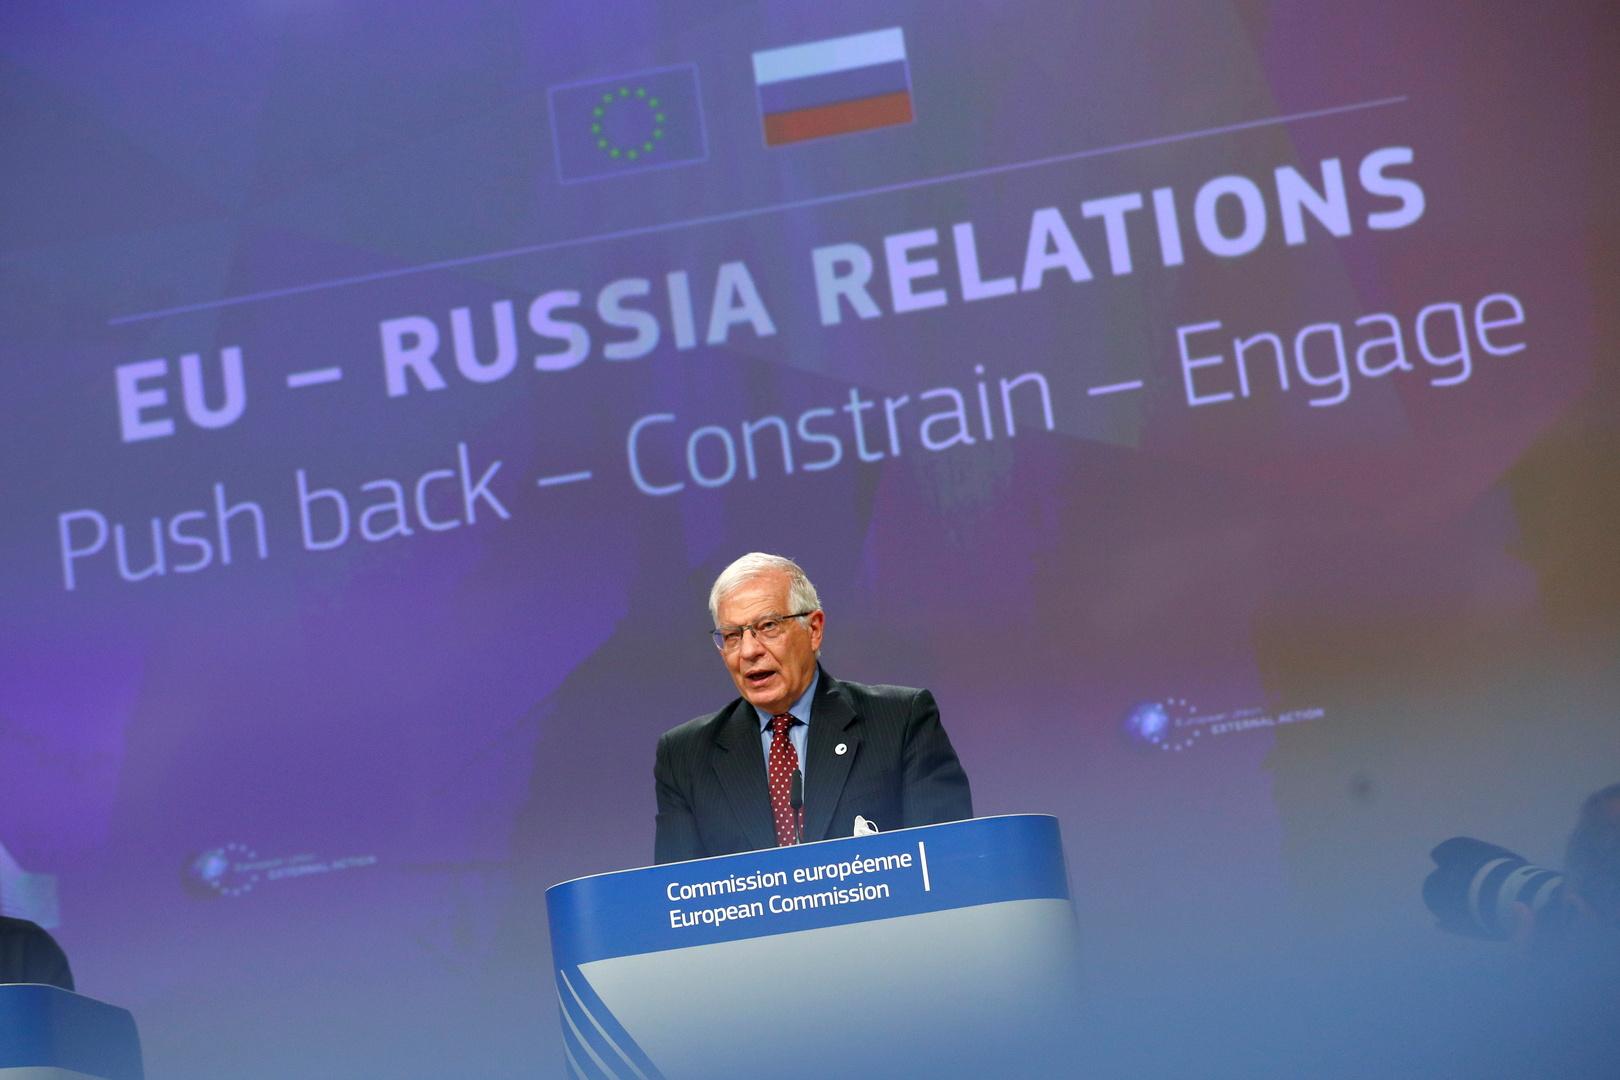 بوريل: على الاتحاد الأوروبي اعتماد